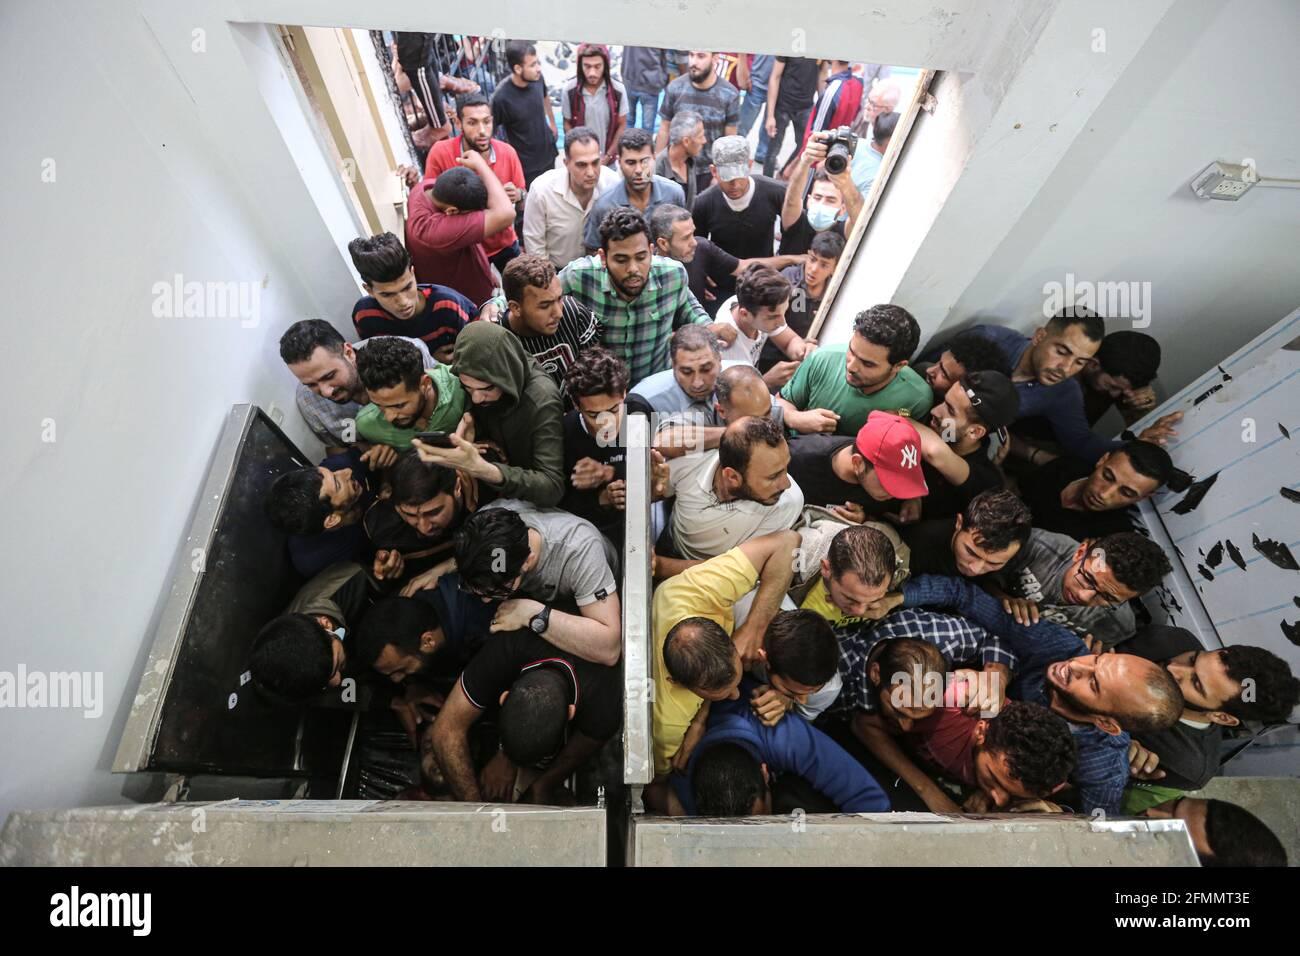 Gaza. 10 maggio 2021. I palestinesi si riuniscono attorno a corpi di palestinesi uccisi durante un attacco aereo israeliano in un ospedale di guerra nella striscia di Gaza settentrionale, il 10 maggio 2021. Israele ha effettuato attacchi aerei nella striscia di Gaza, uccidendo almeno 20 persone, mentre il fuoco a razzo dall'enclave palestinese è continuato fino a lunedì sera, secondo fonti israeliane e palestinesi. Credit: Rizek Abdeljawad/Xinhua/Alamy Live News Foto Stock